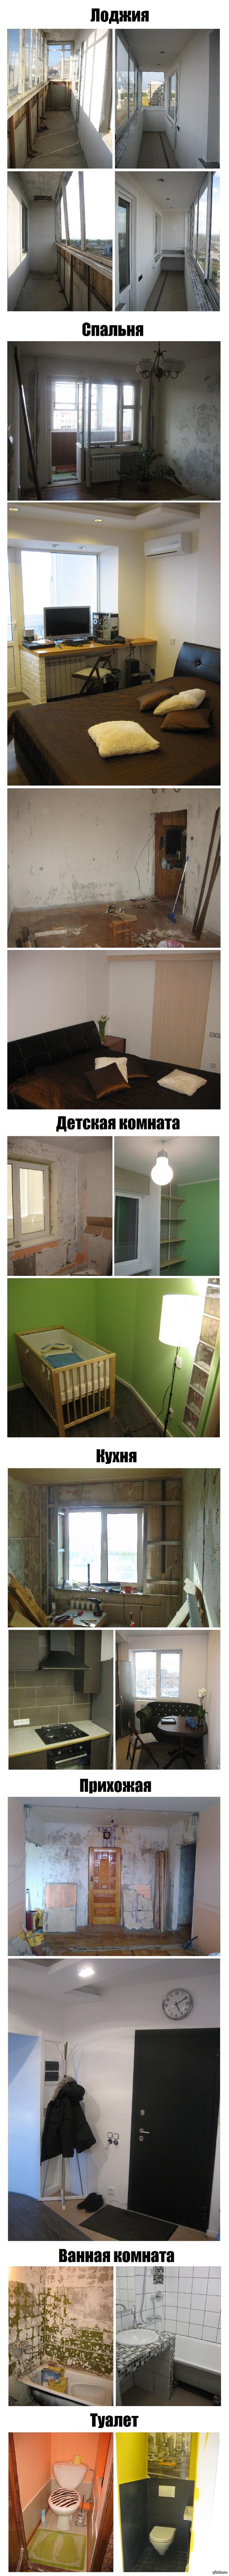 """Сделал ремонт в квартире... ...все сам, как говорится """"без родителей и кредитов"""", сделал за 2 года, потратили около 650.000 руб. На фото: до и после."""